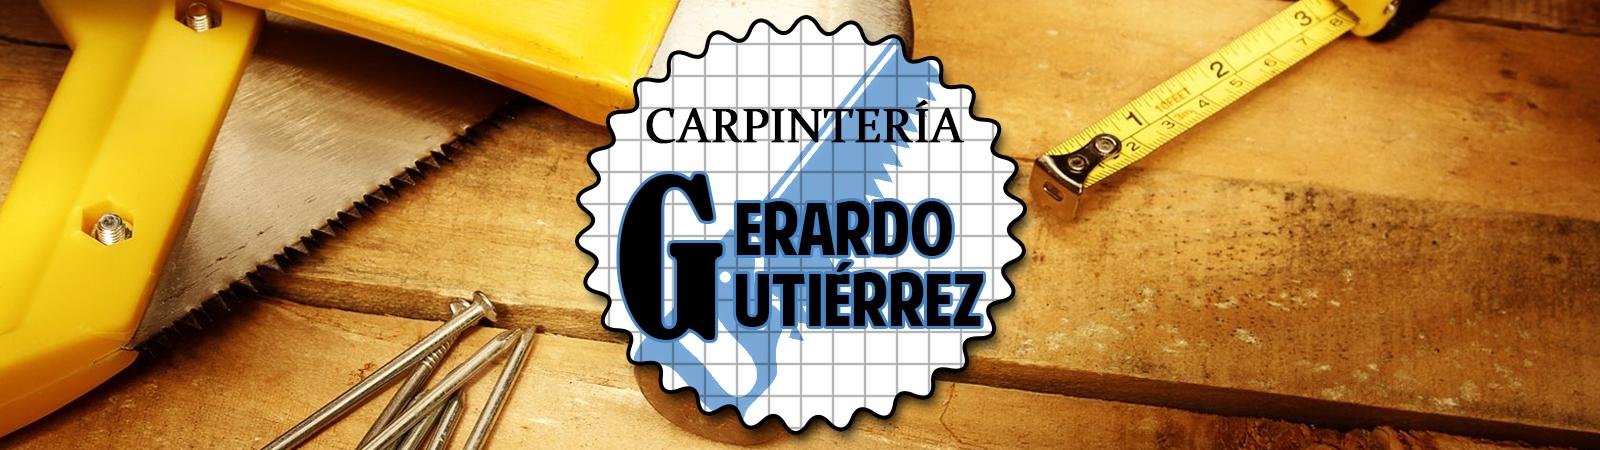 Carpintería Gerardo Gutierrez, madera, cocinas, baños, muebles a medida valladolid